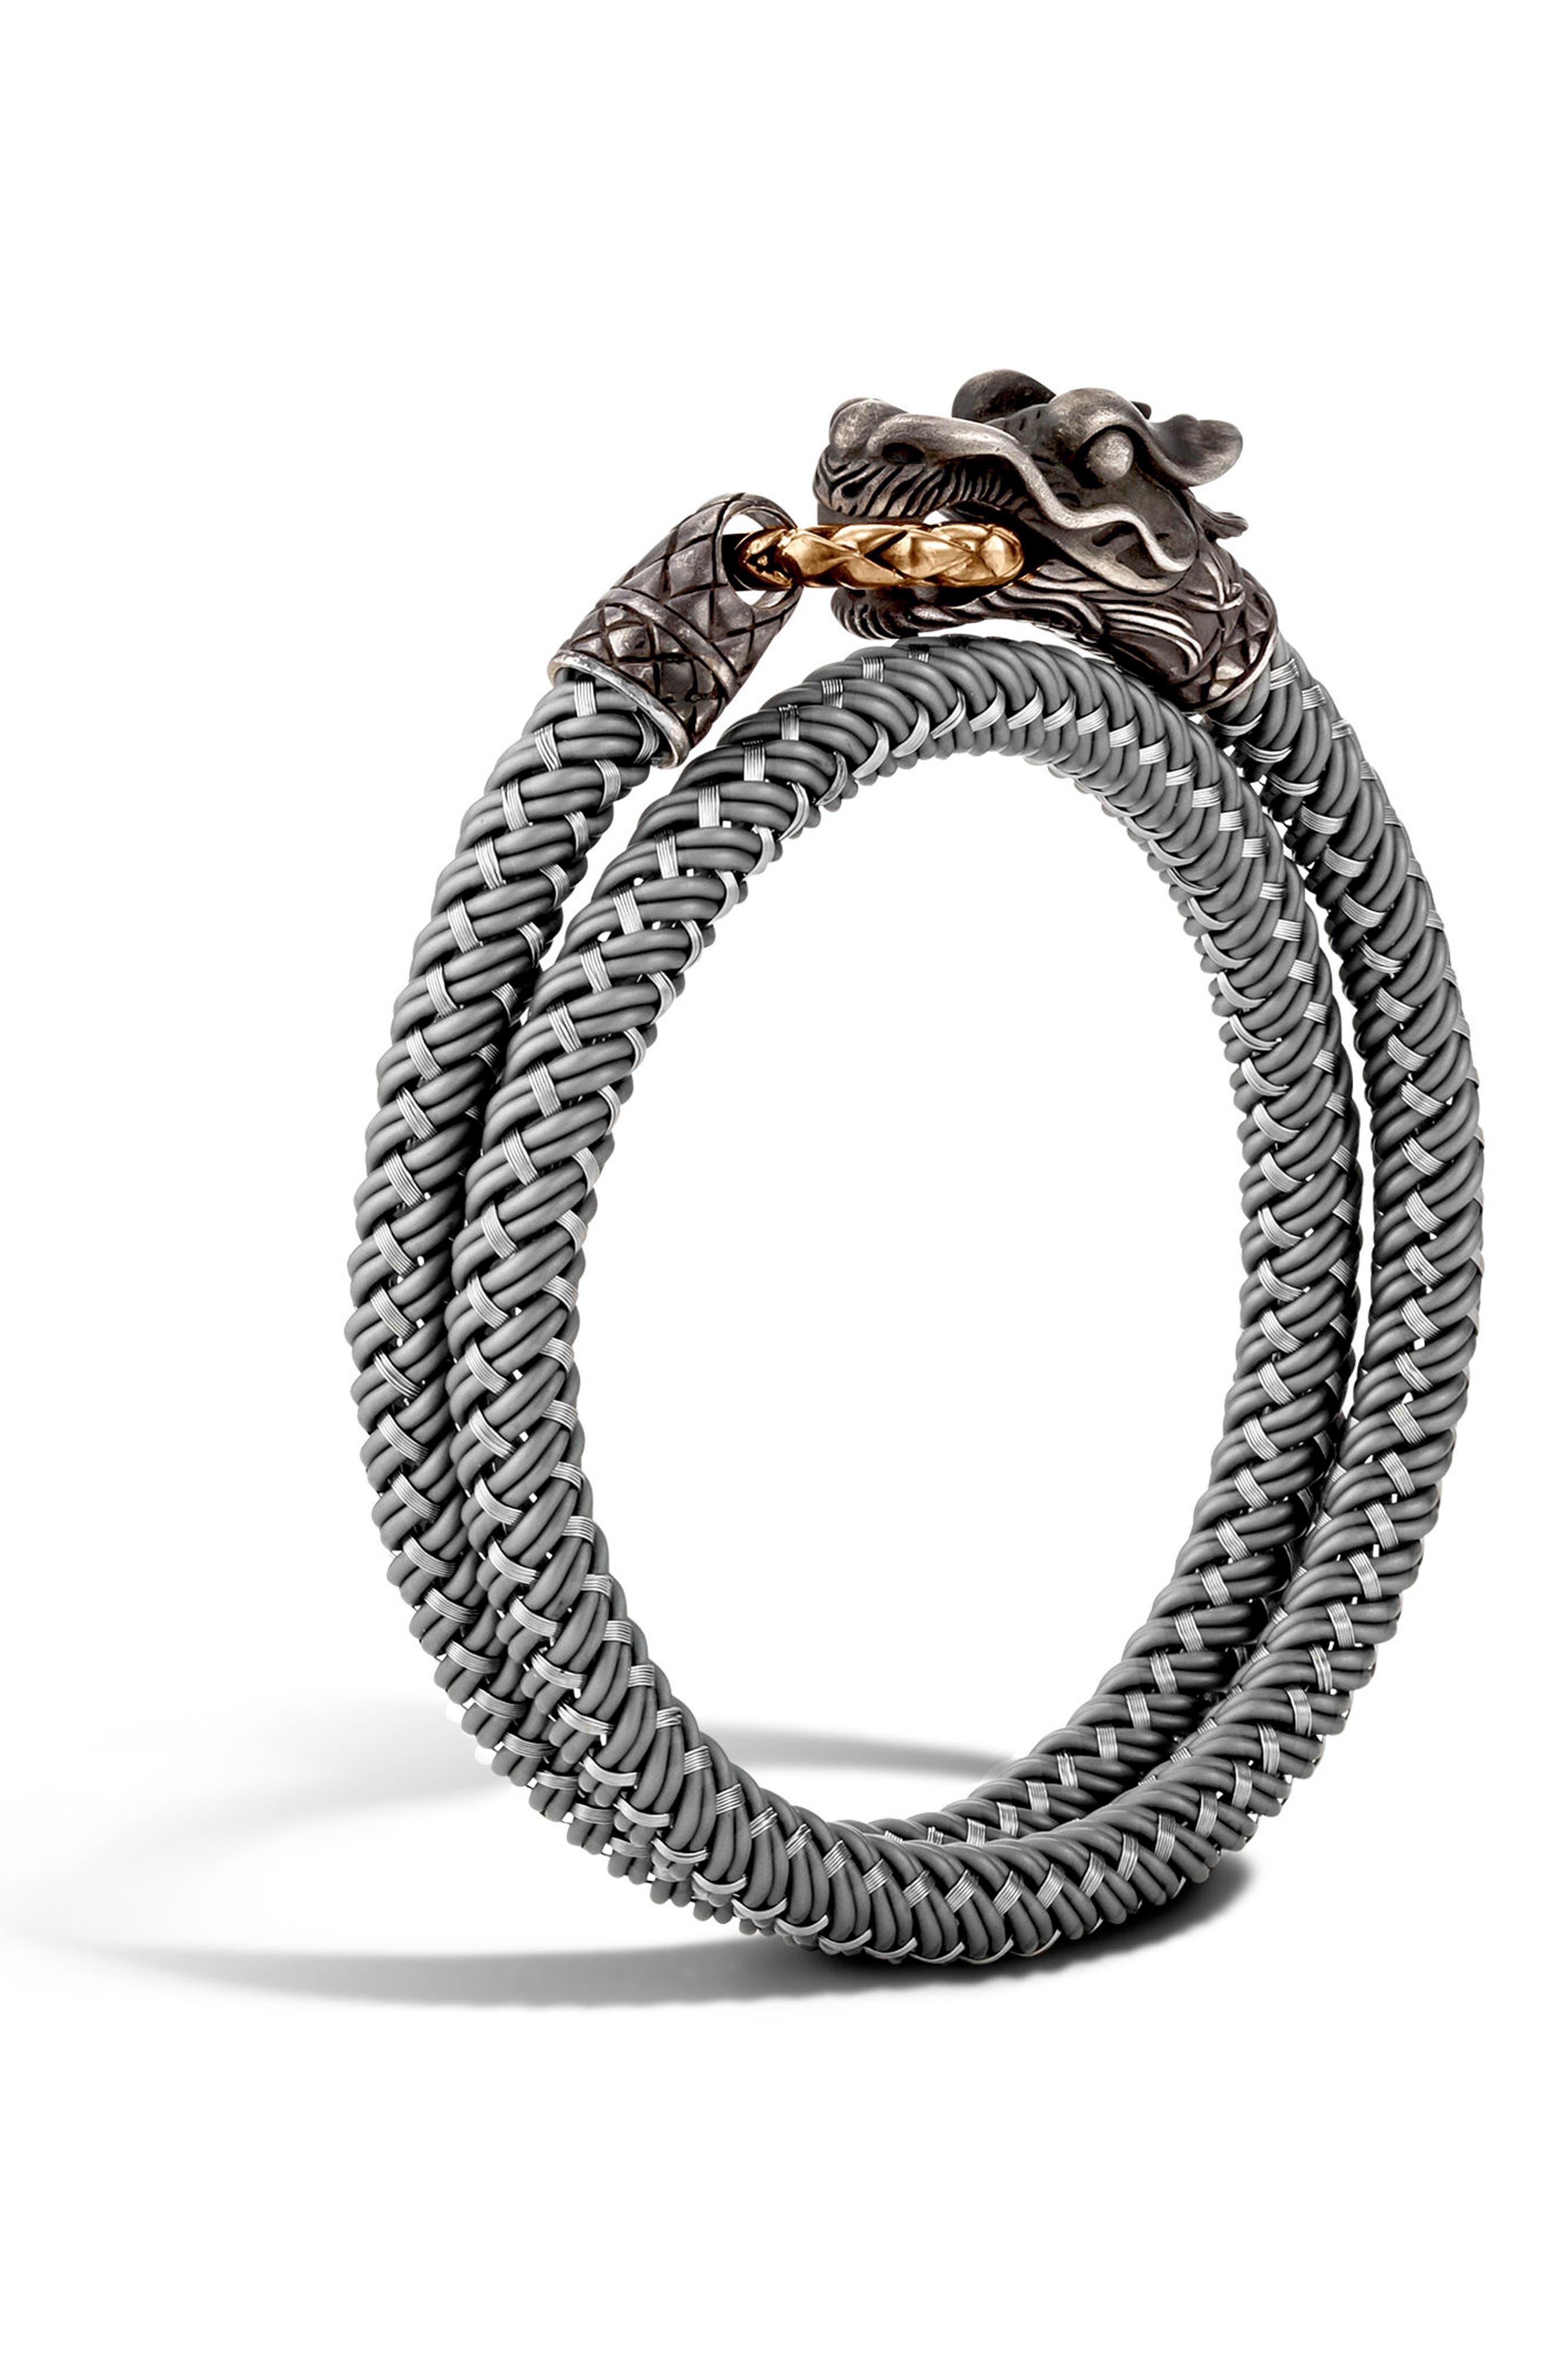 Legends Naga Double Wrap Bracelet,                         Main,                         color, Silver/ Grey